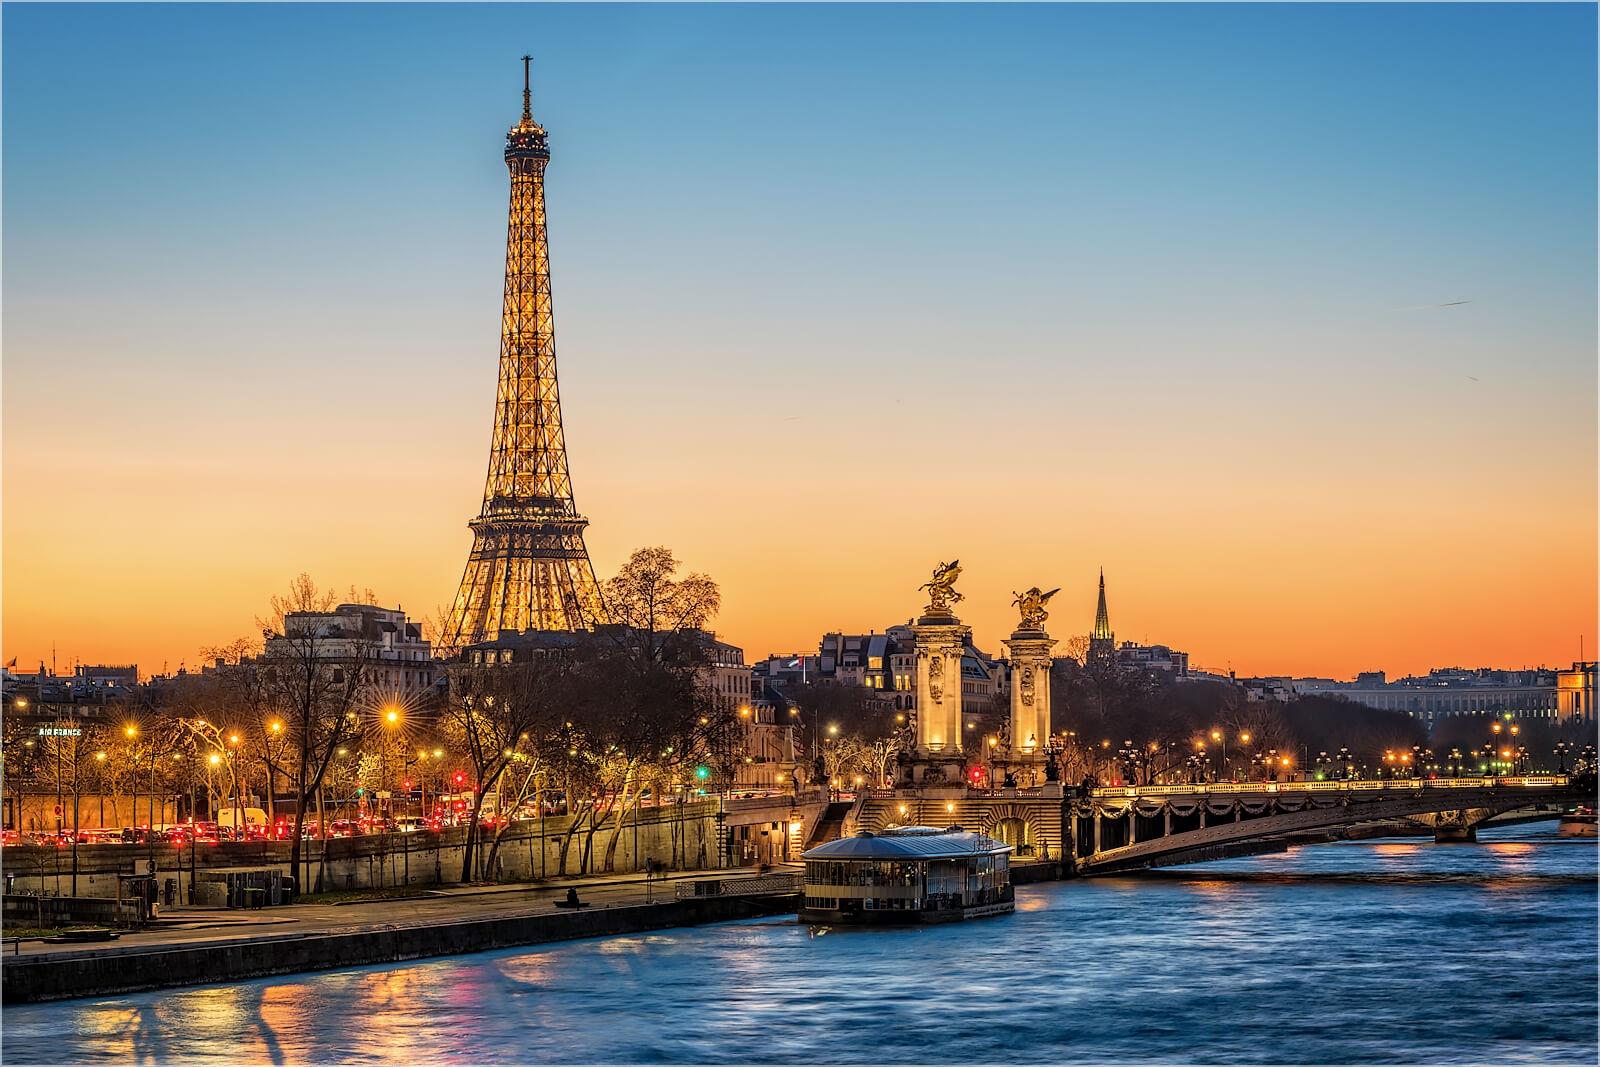 Wanddeko An der Seine in Paris Frankreich